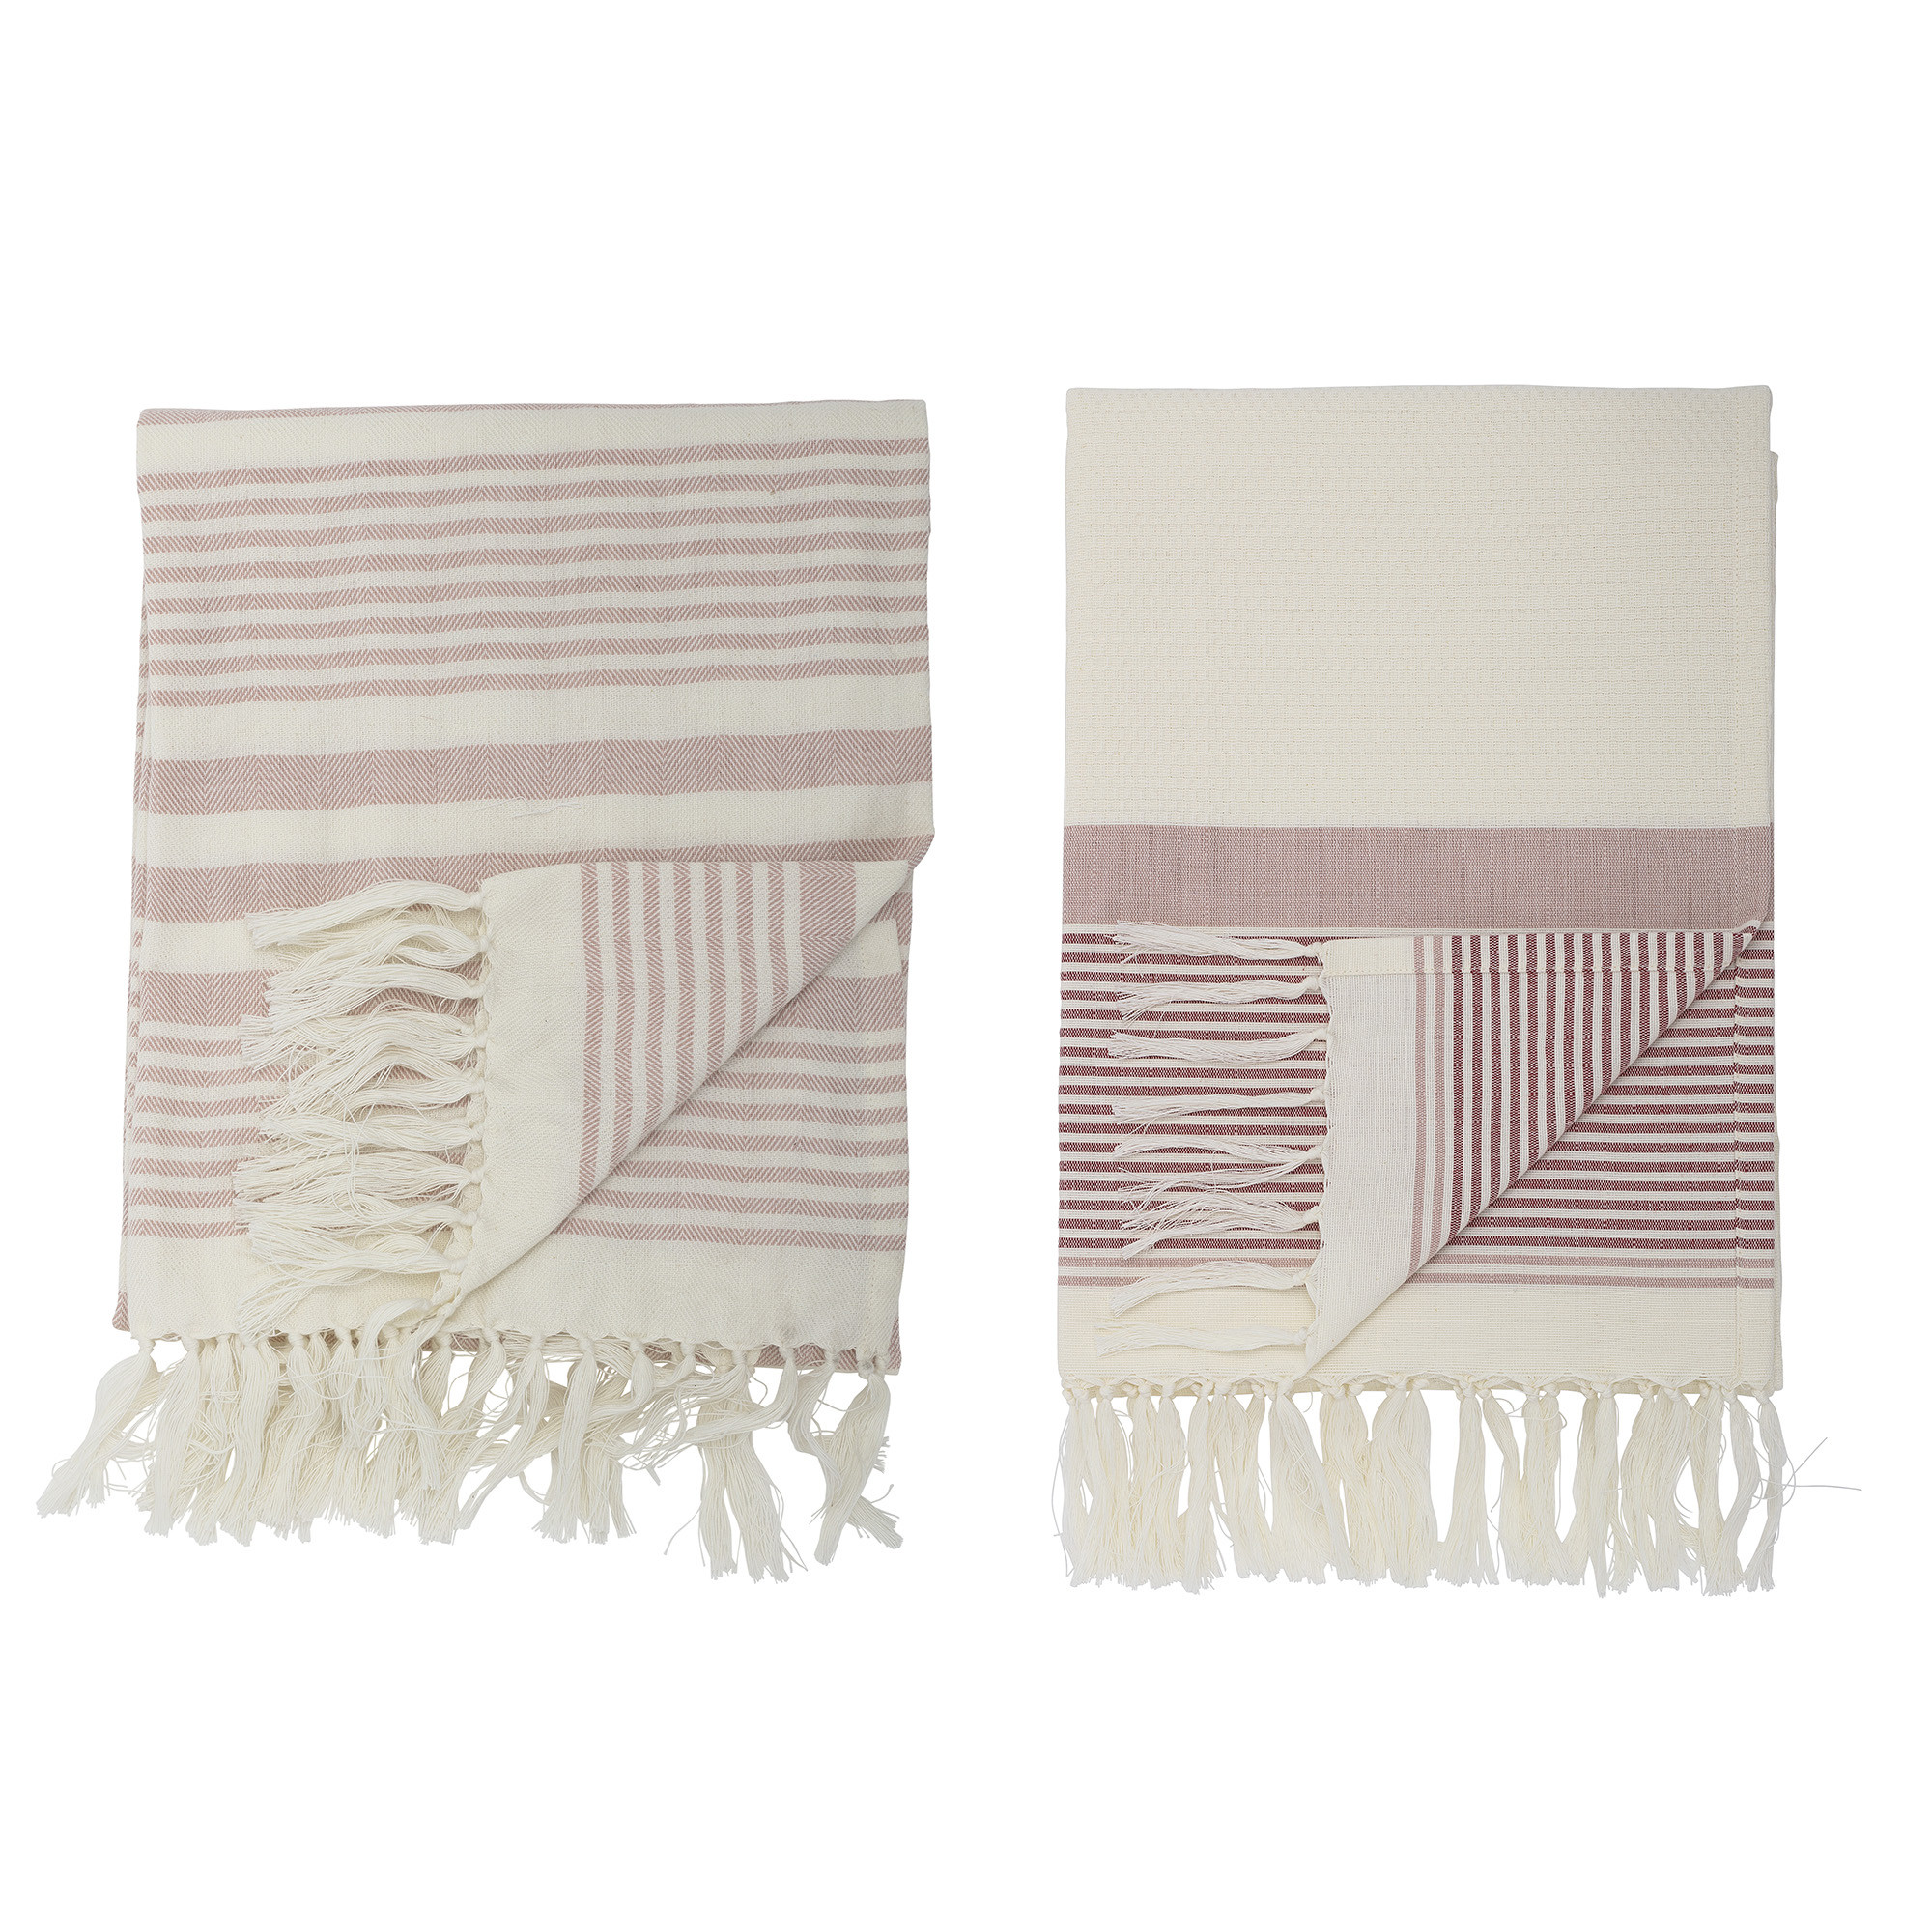 Billede af Loke håndklæde, rosa - 180x100 cm (2 stk)